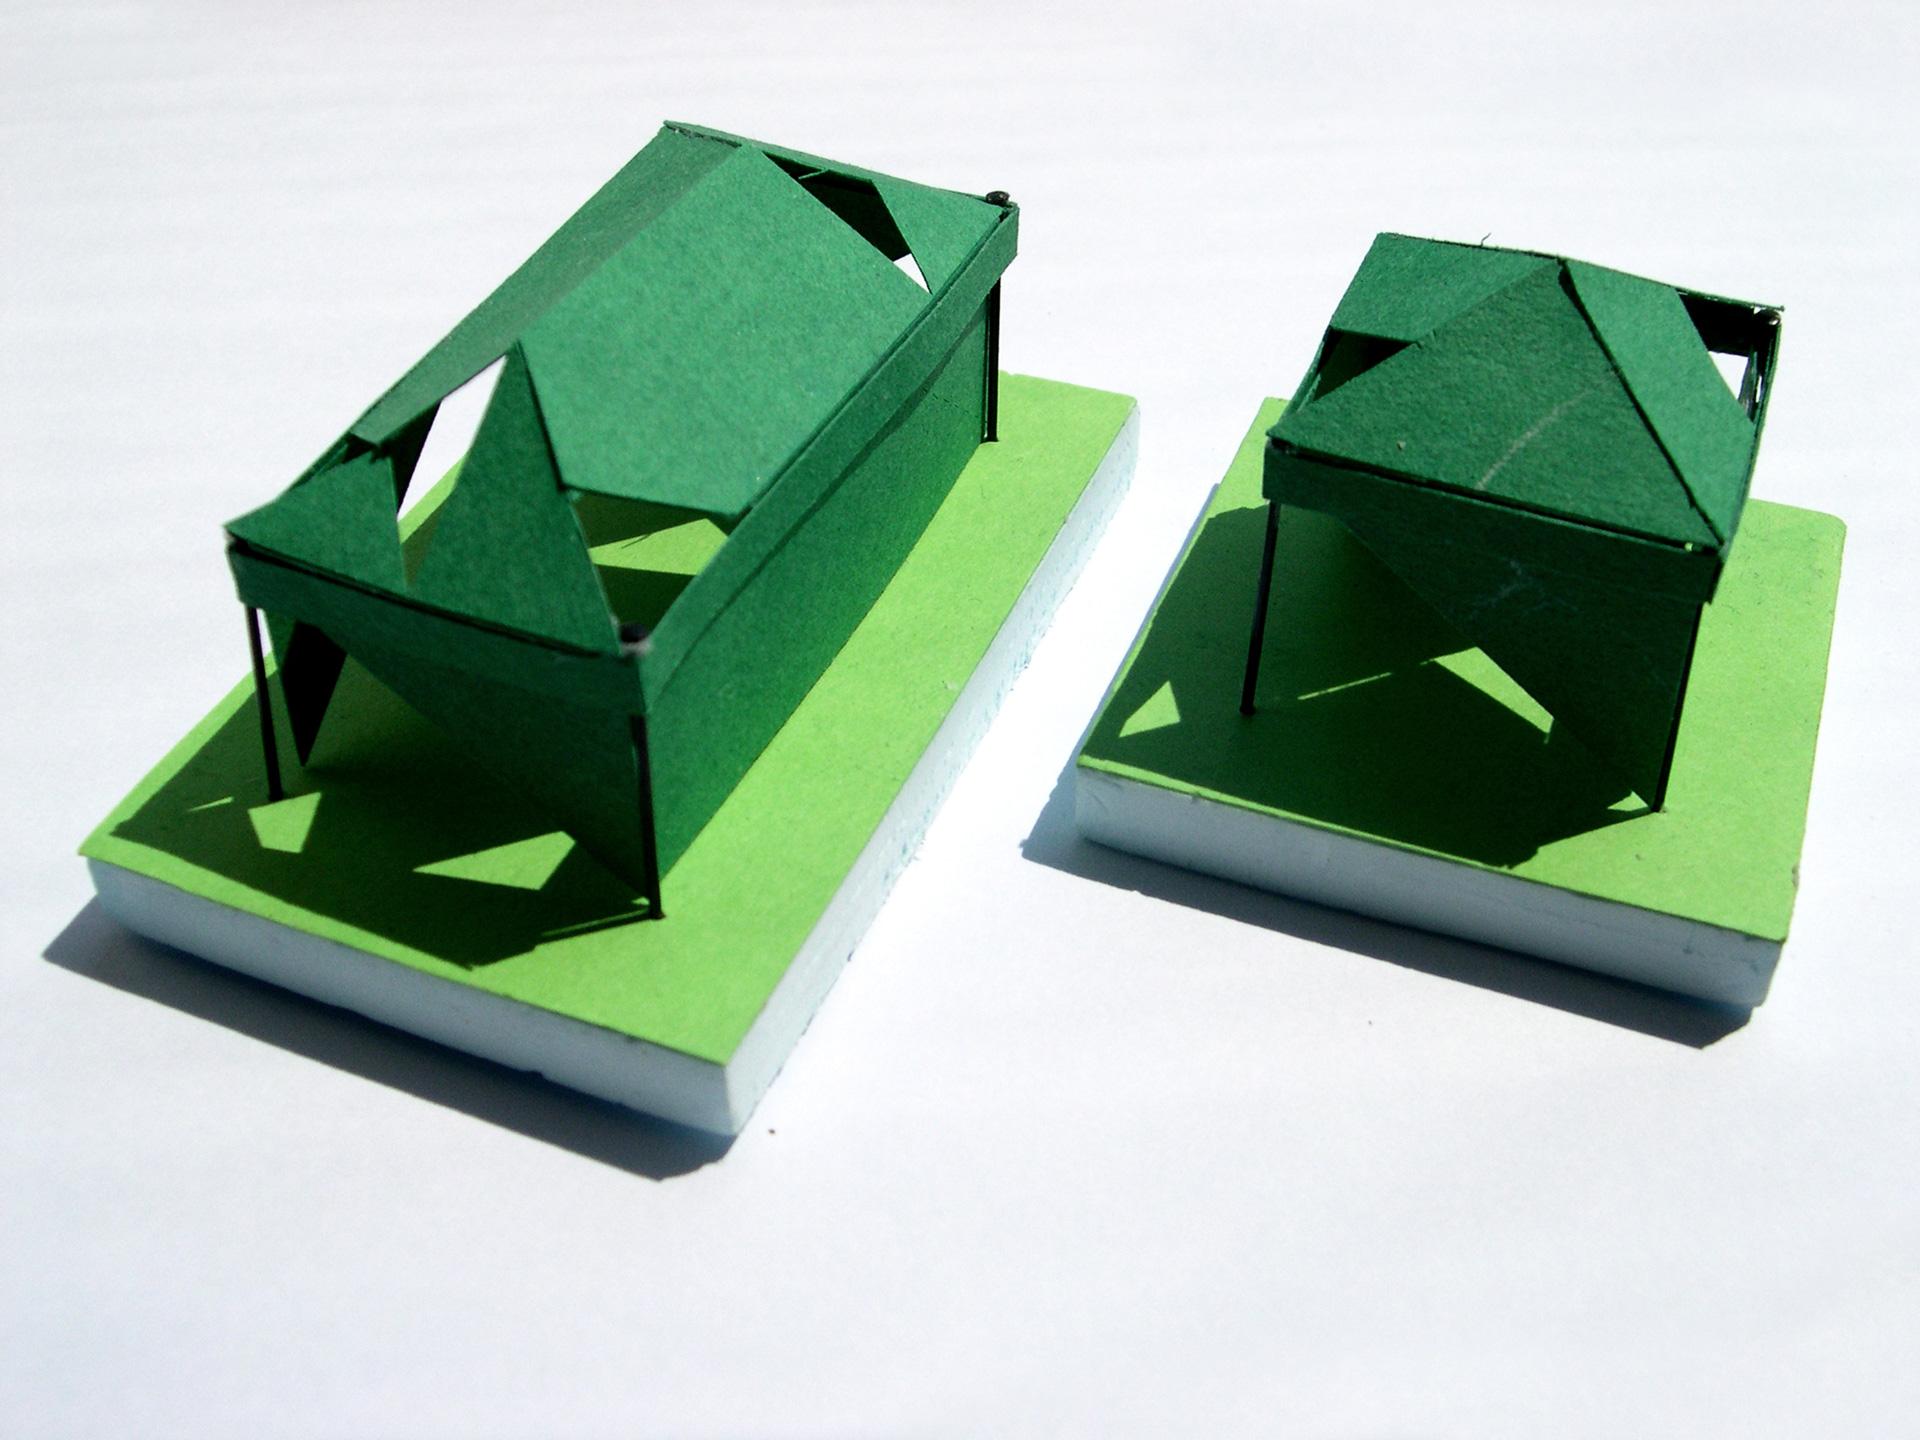 Tritent-models